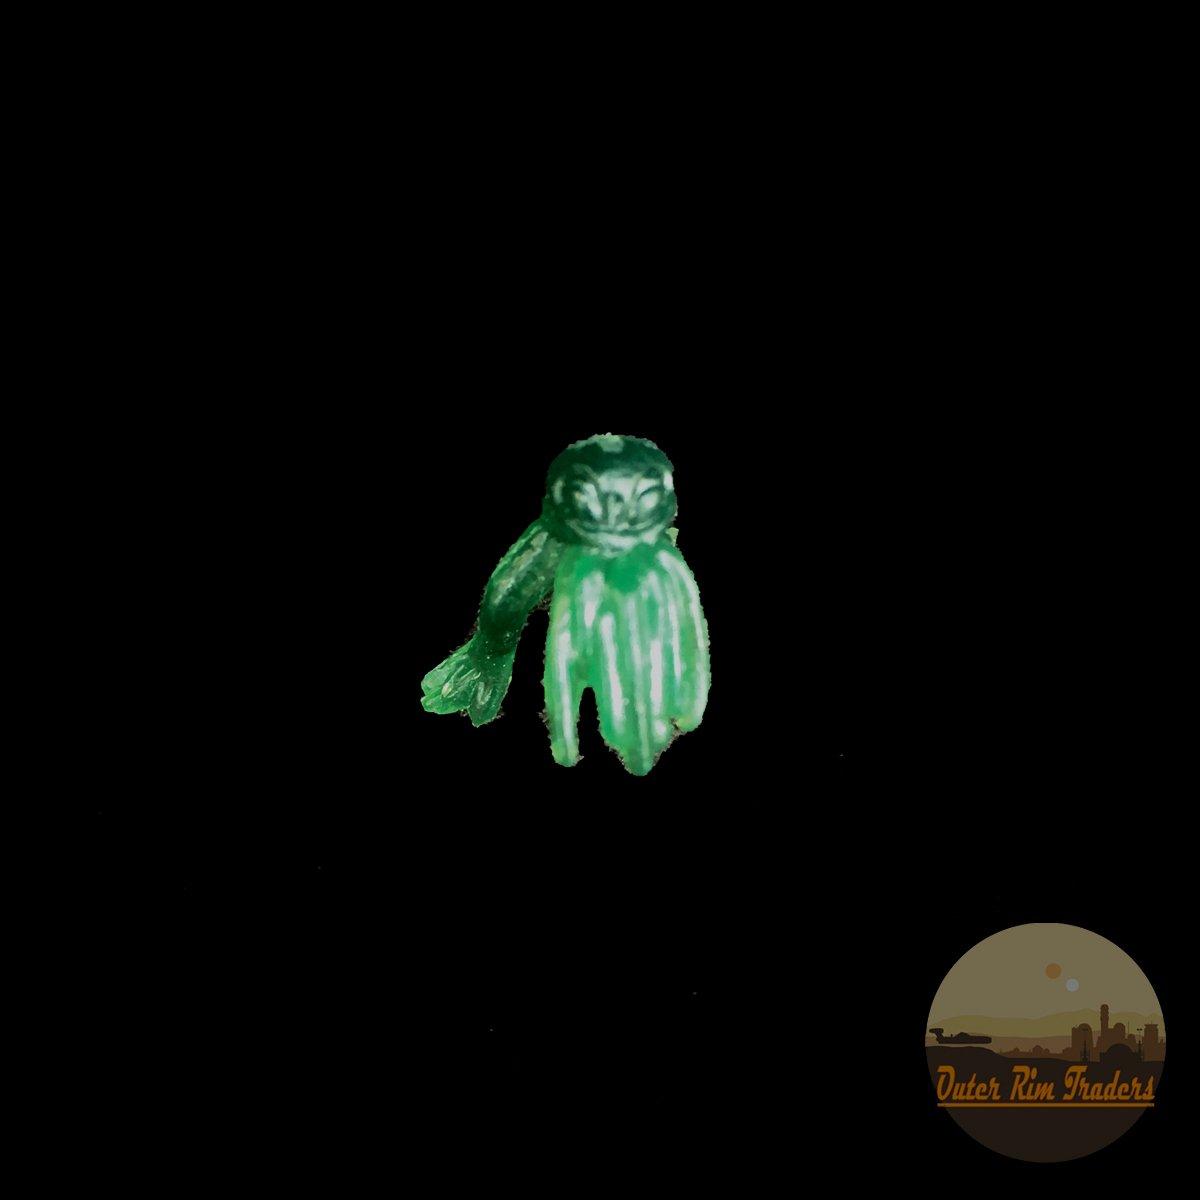 Image of Gangster Slug's Snack